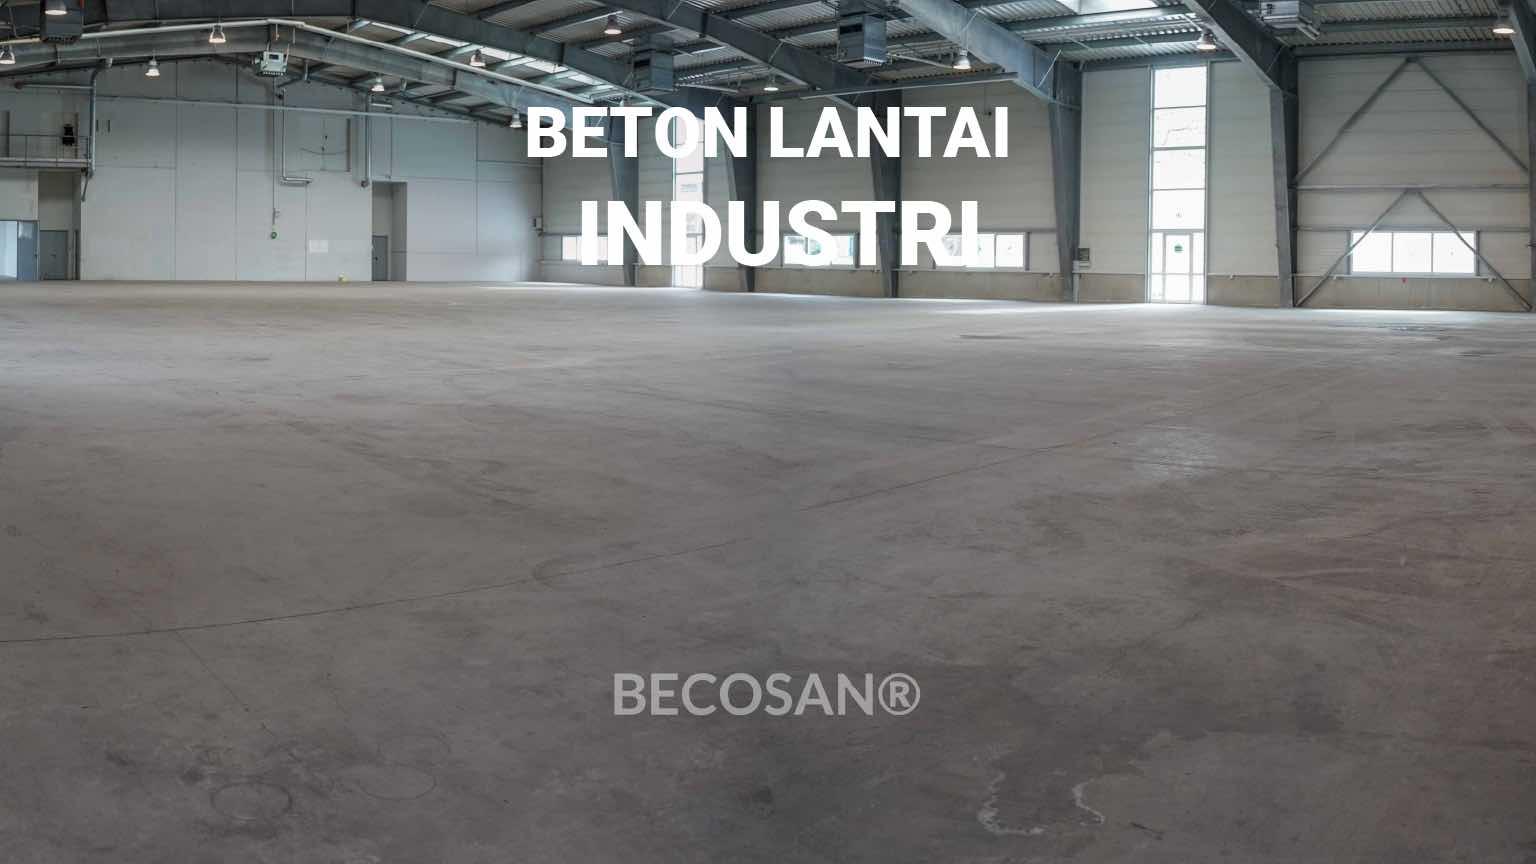 Beton lantai industri